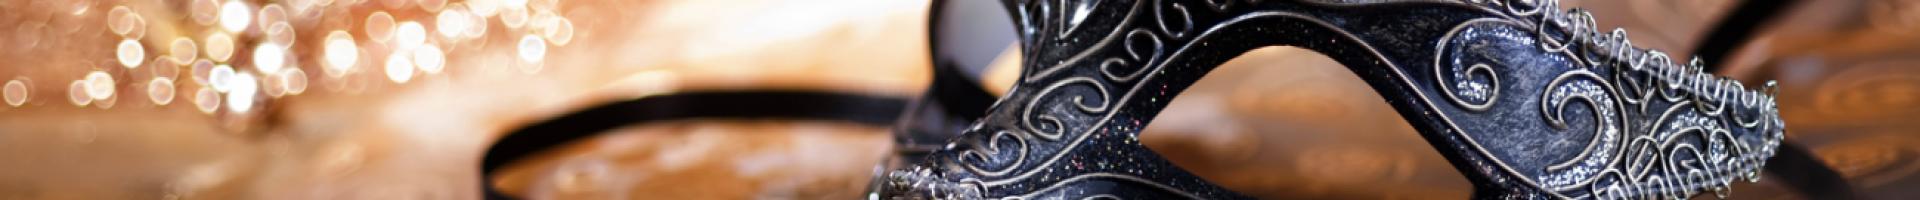 carnival-mask